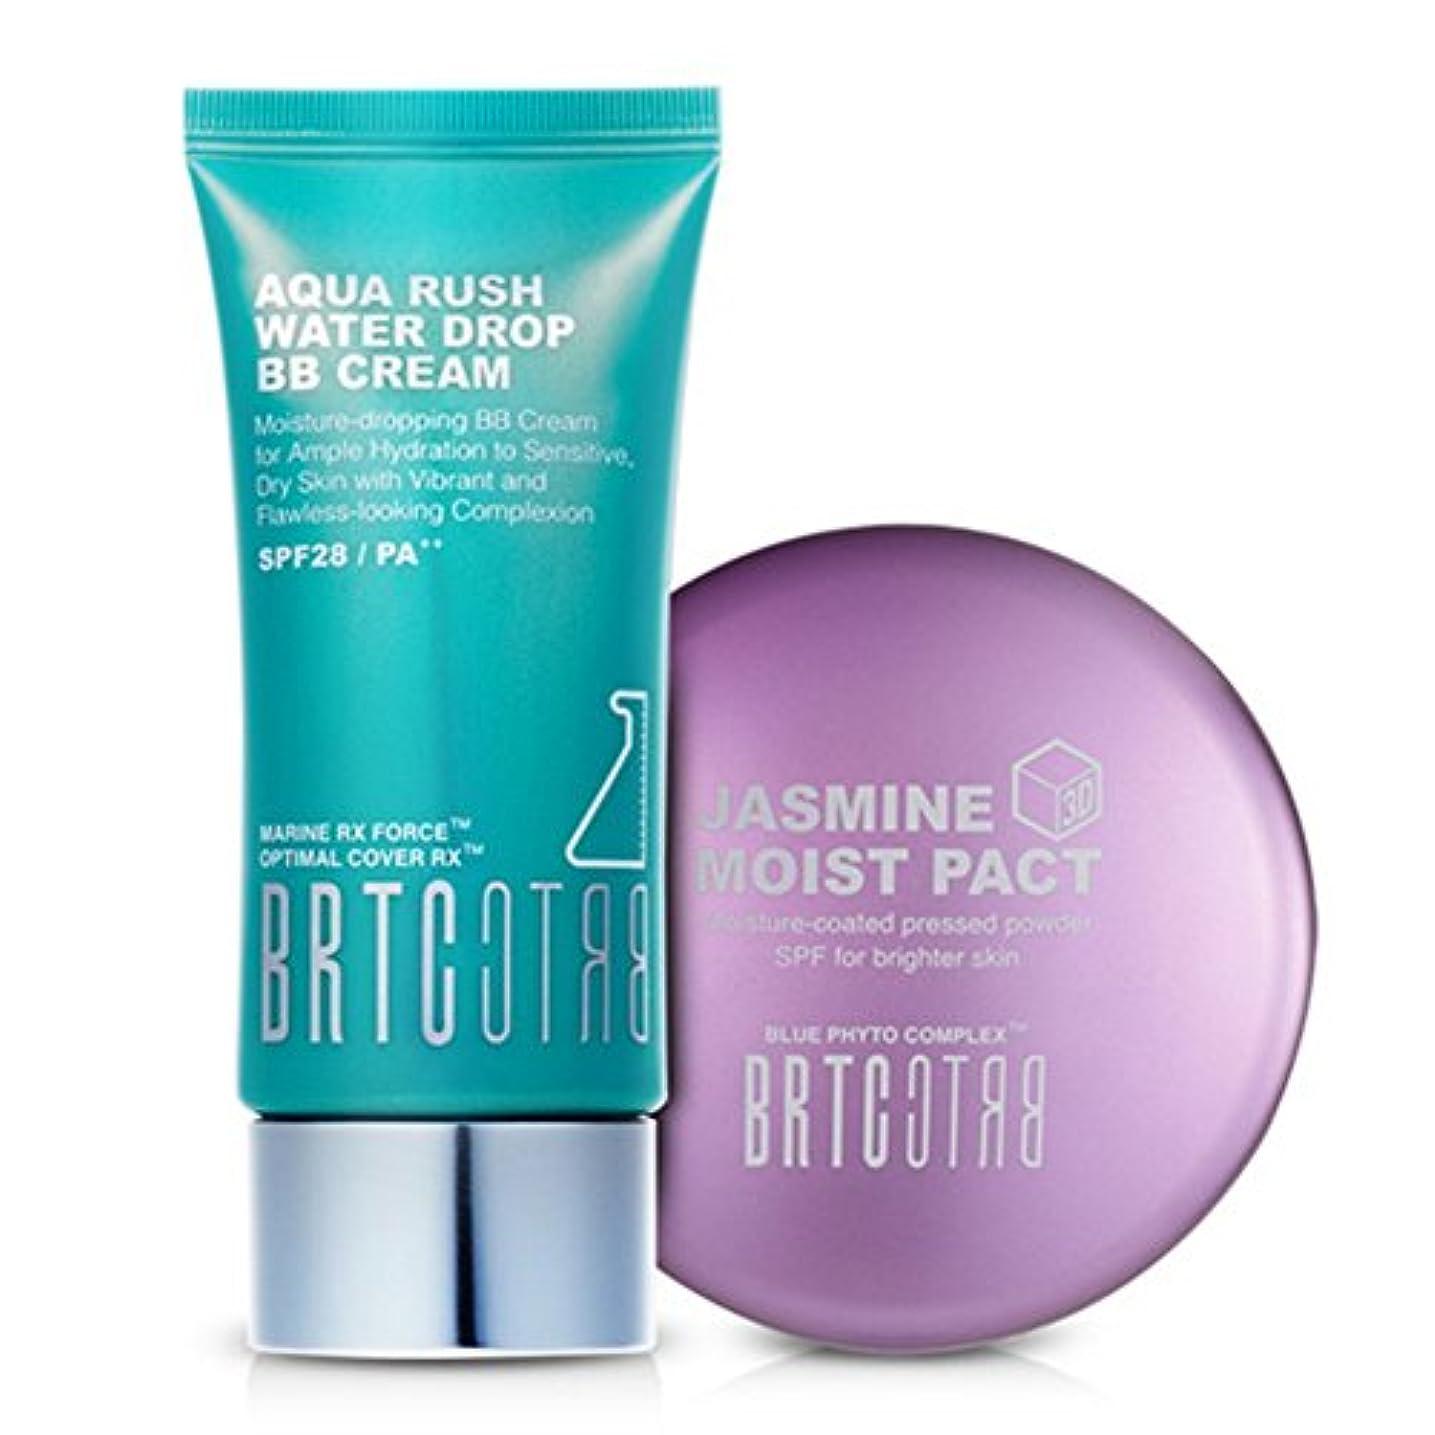 アリス豊富な高潔な【BRTC/非アルティ時】Whitening&Moisture Make Up Set アクアラッシュビビ ファクト2種set [BB Cream+ Moist Pact Set](海外直送品)